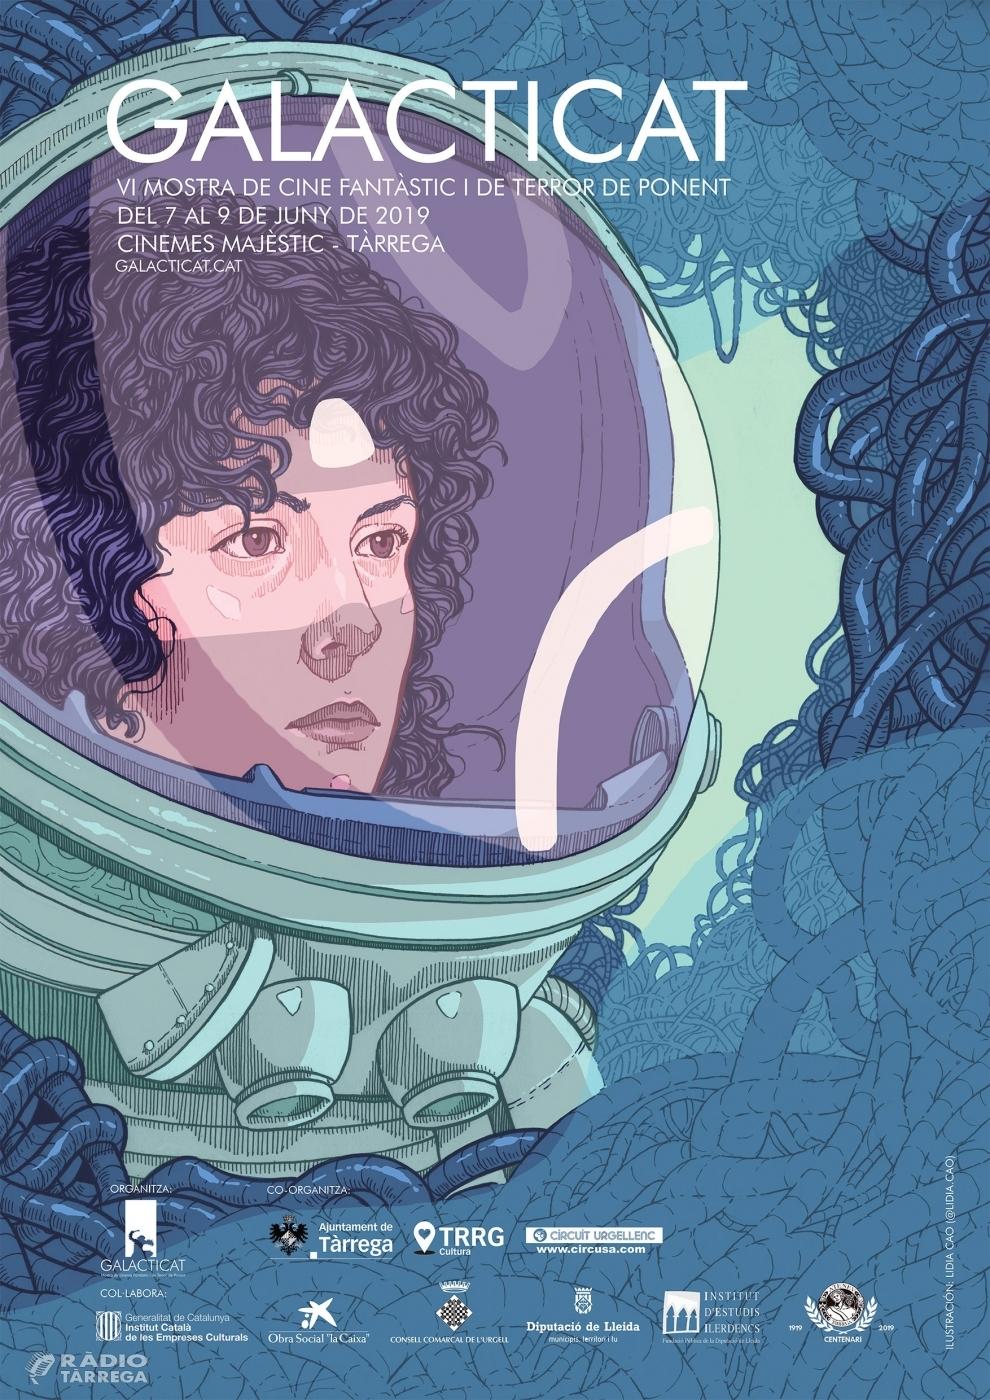 El Galacticat, Mostra de Cinema Fantàstic i de Terror de Ponent, fa públics els finalistes de la VI edició